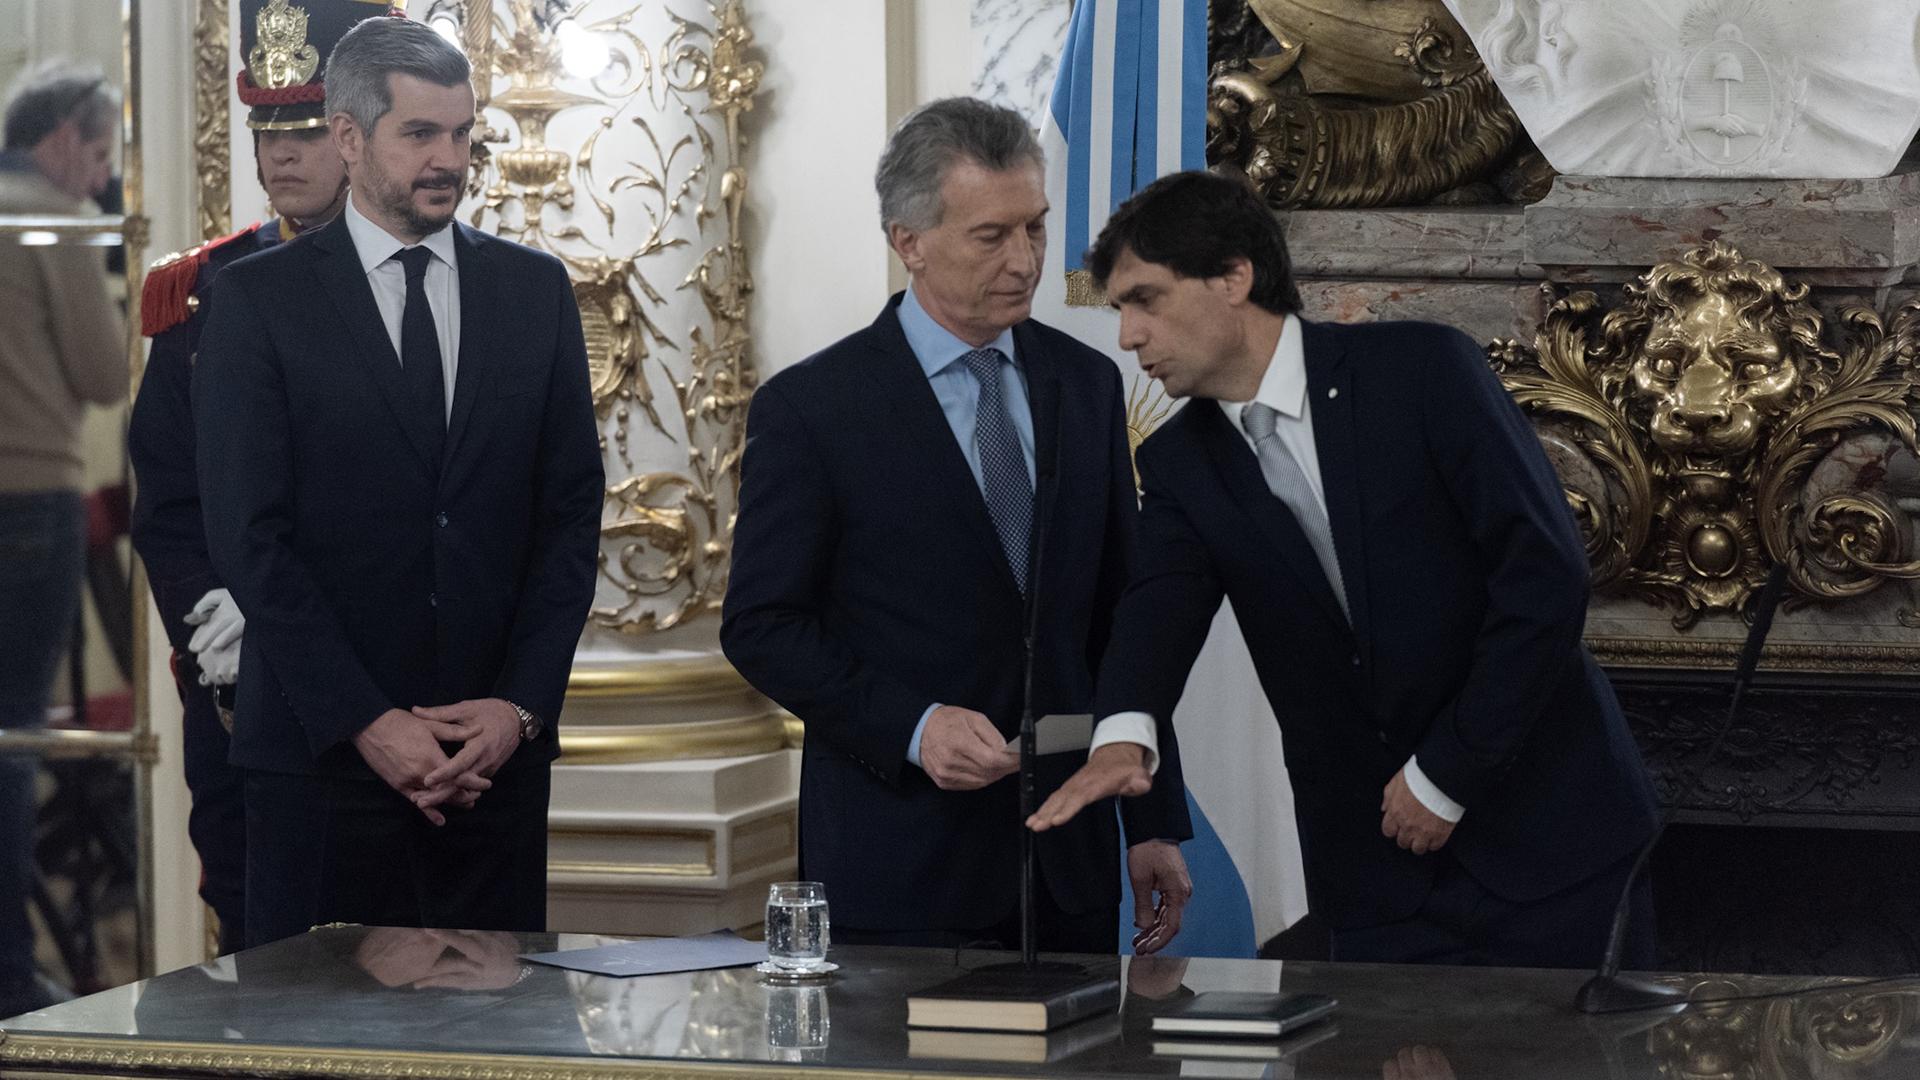 El momento en que Hernán Lacunza jura como ministro de Economía de la Nación